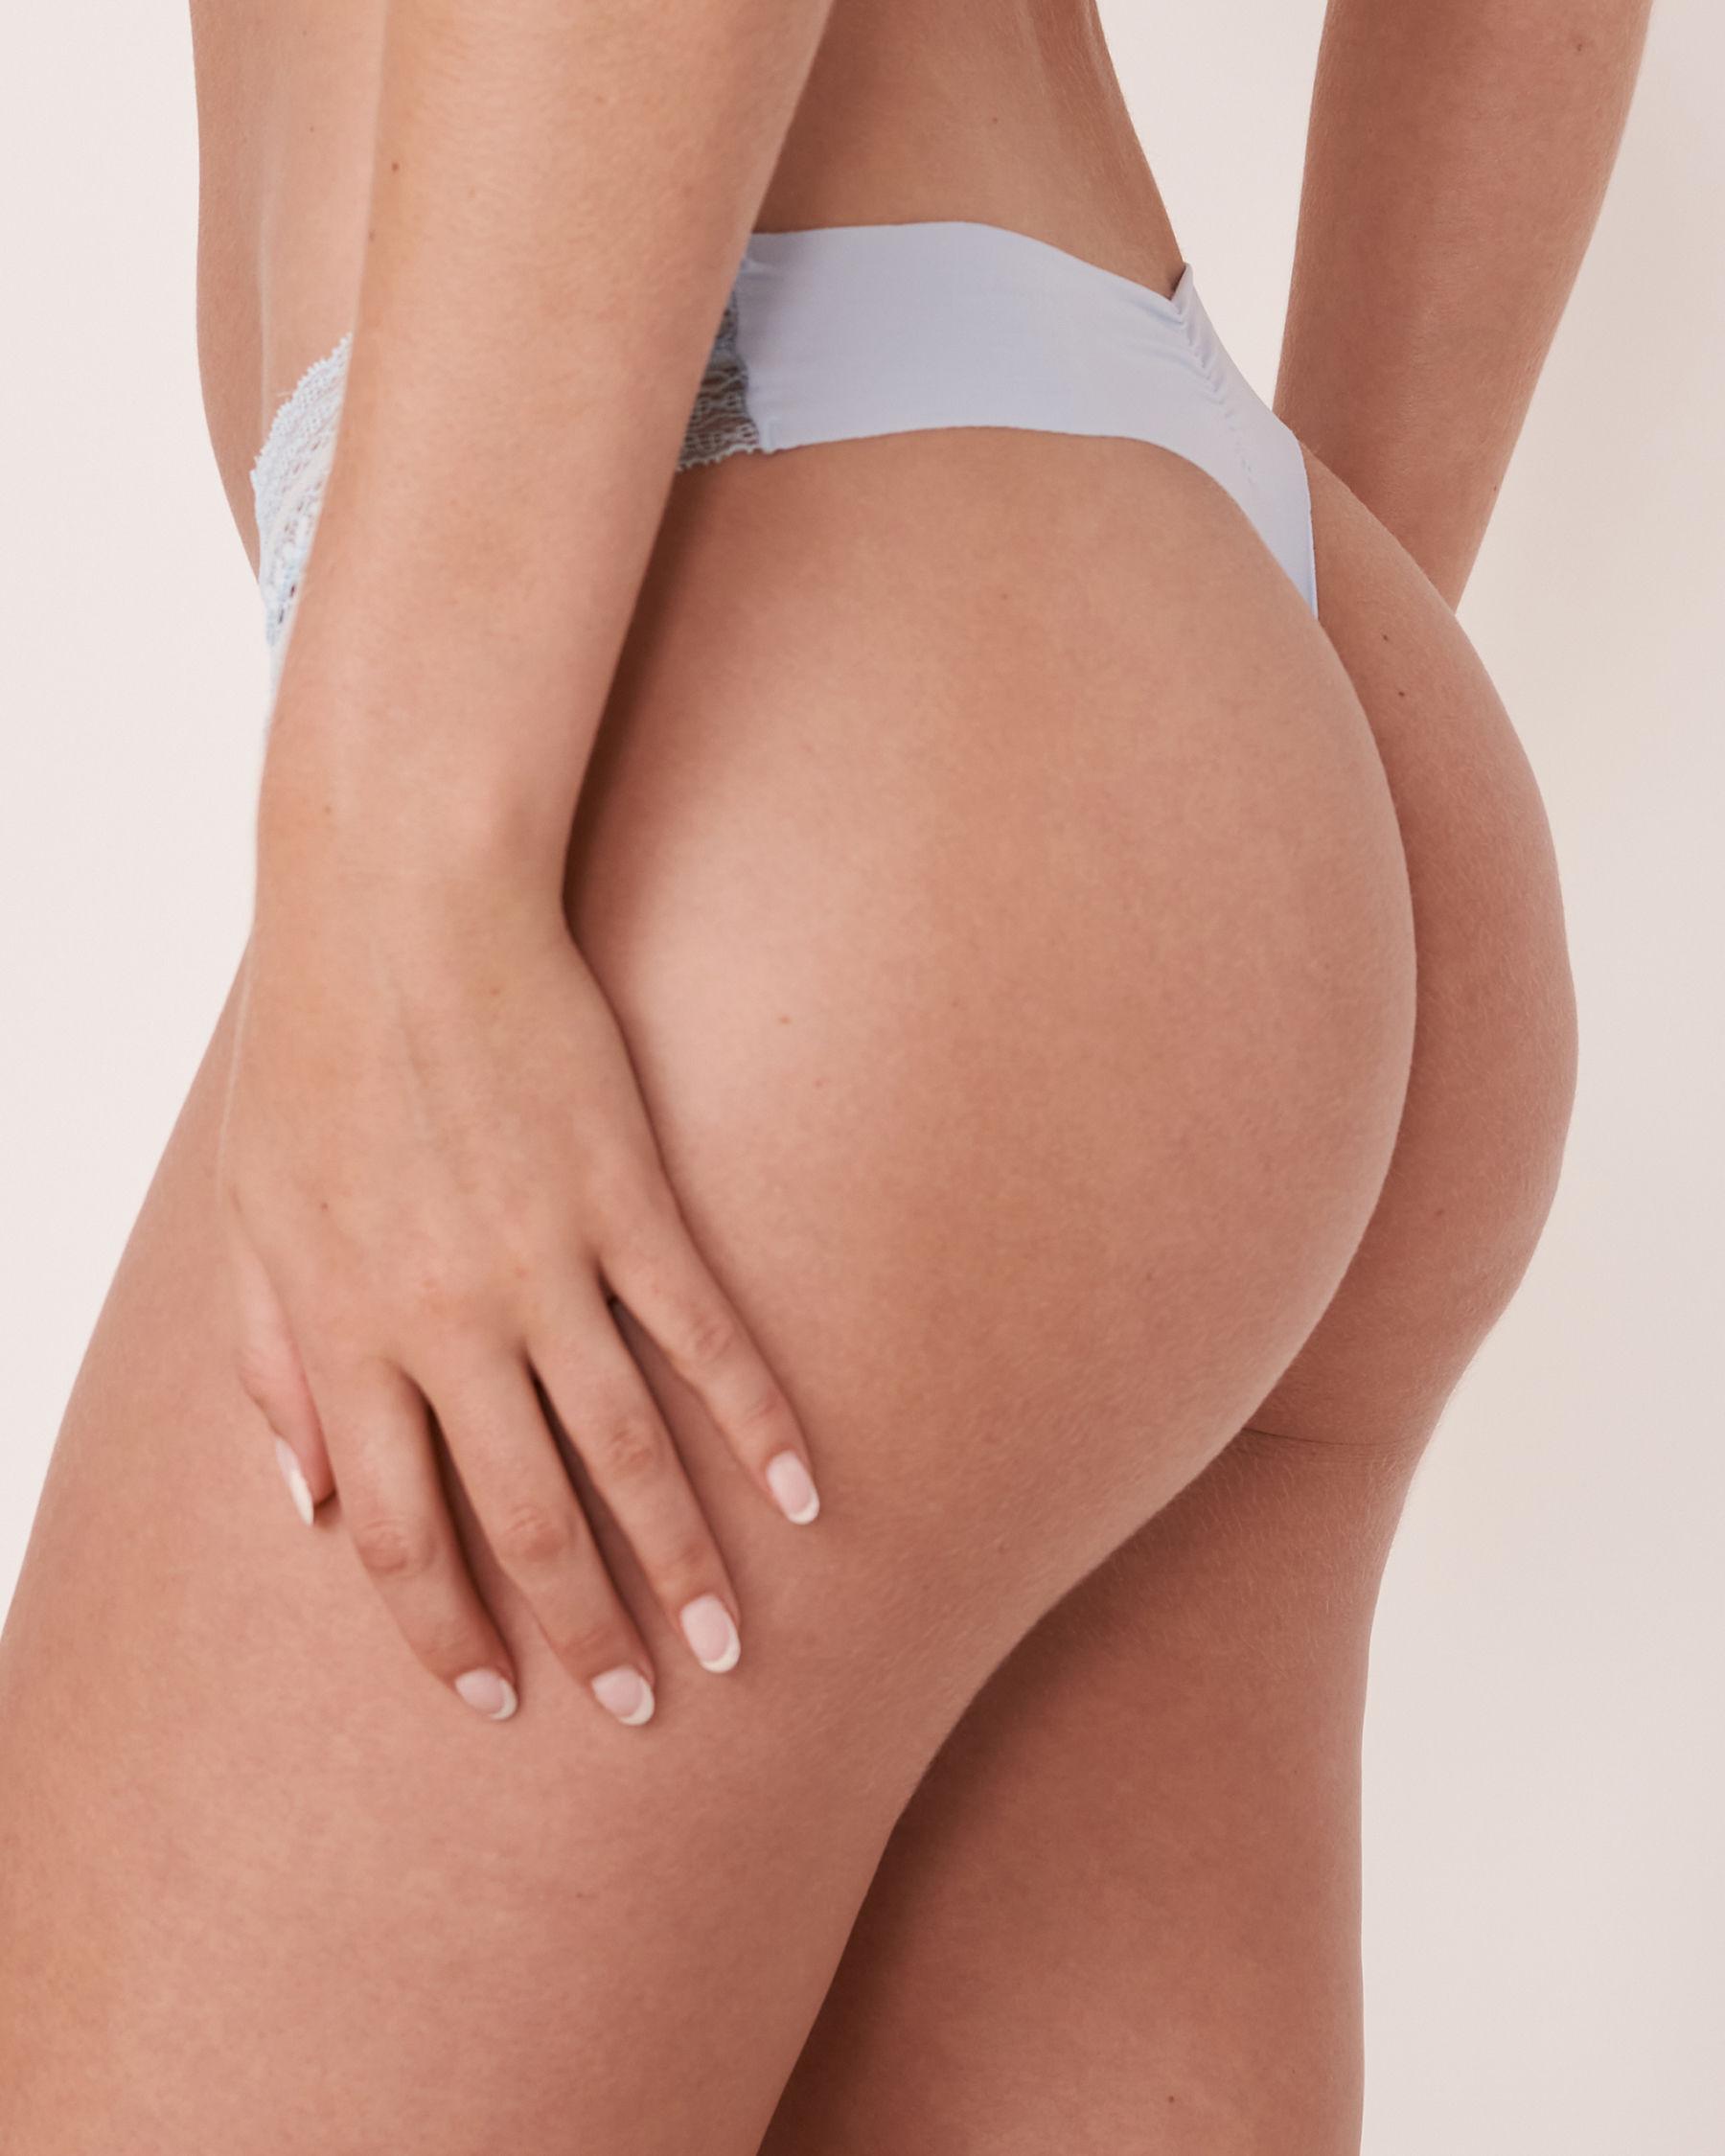 LA VIE EN ROSE Seamless Thong Panty Rêve bleu 20200063 - View2